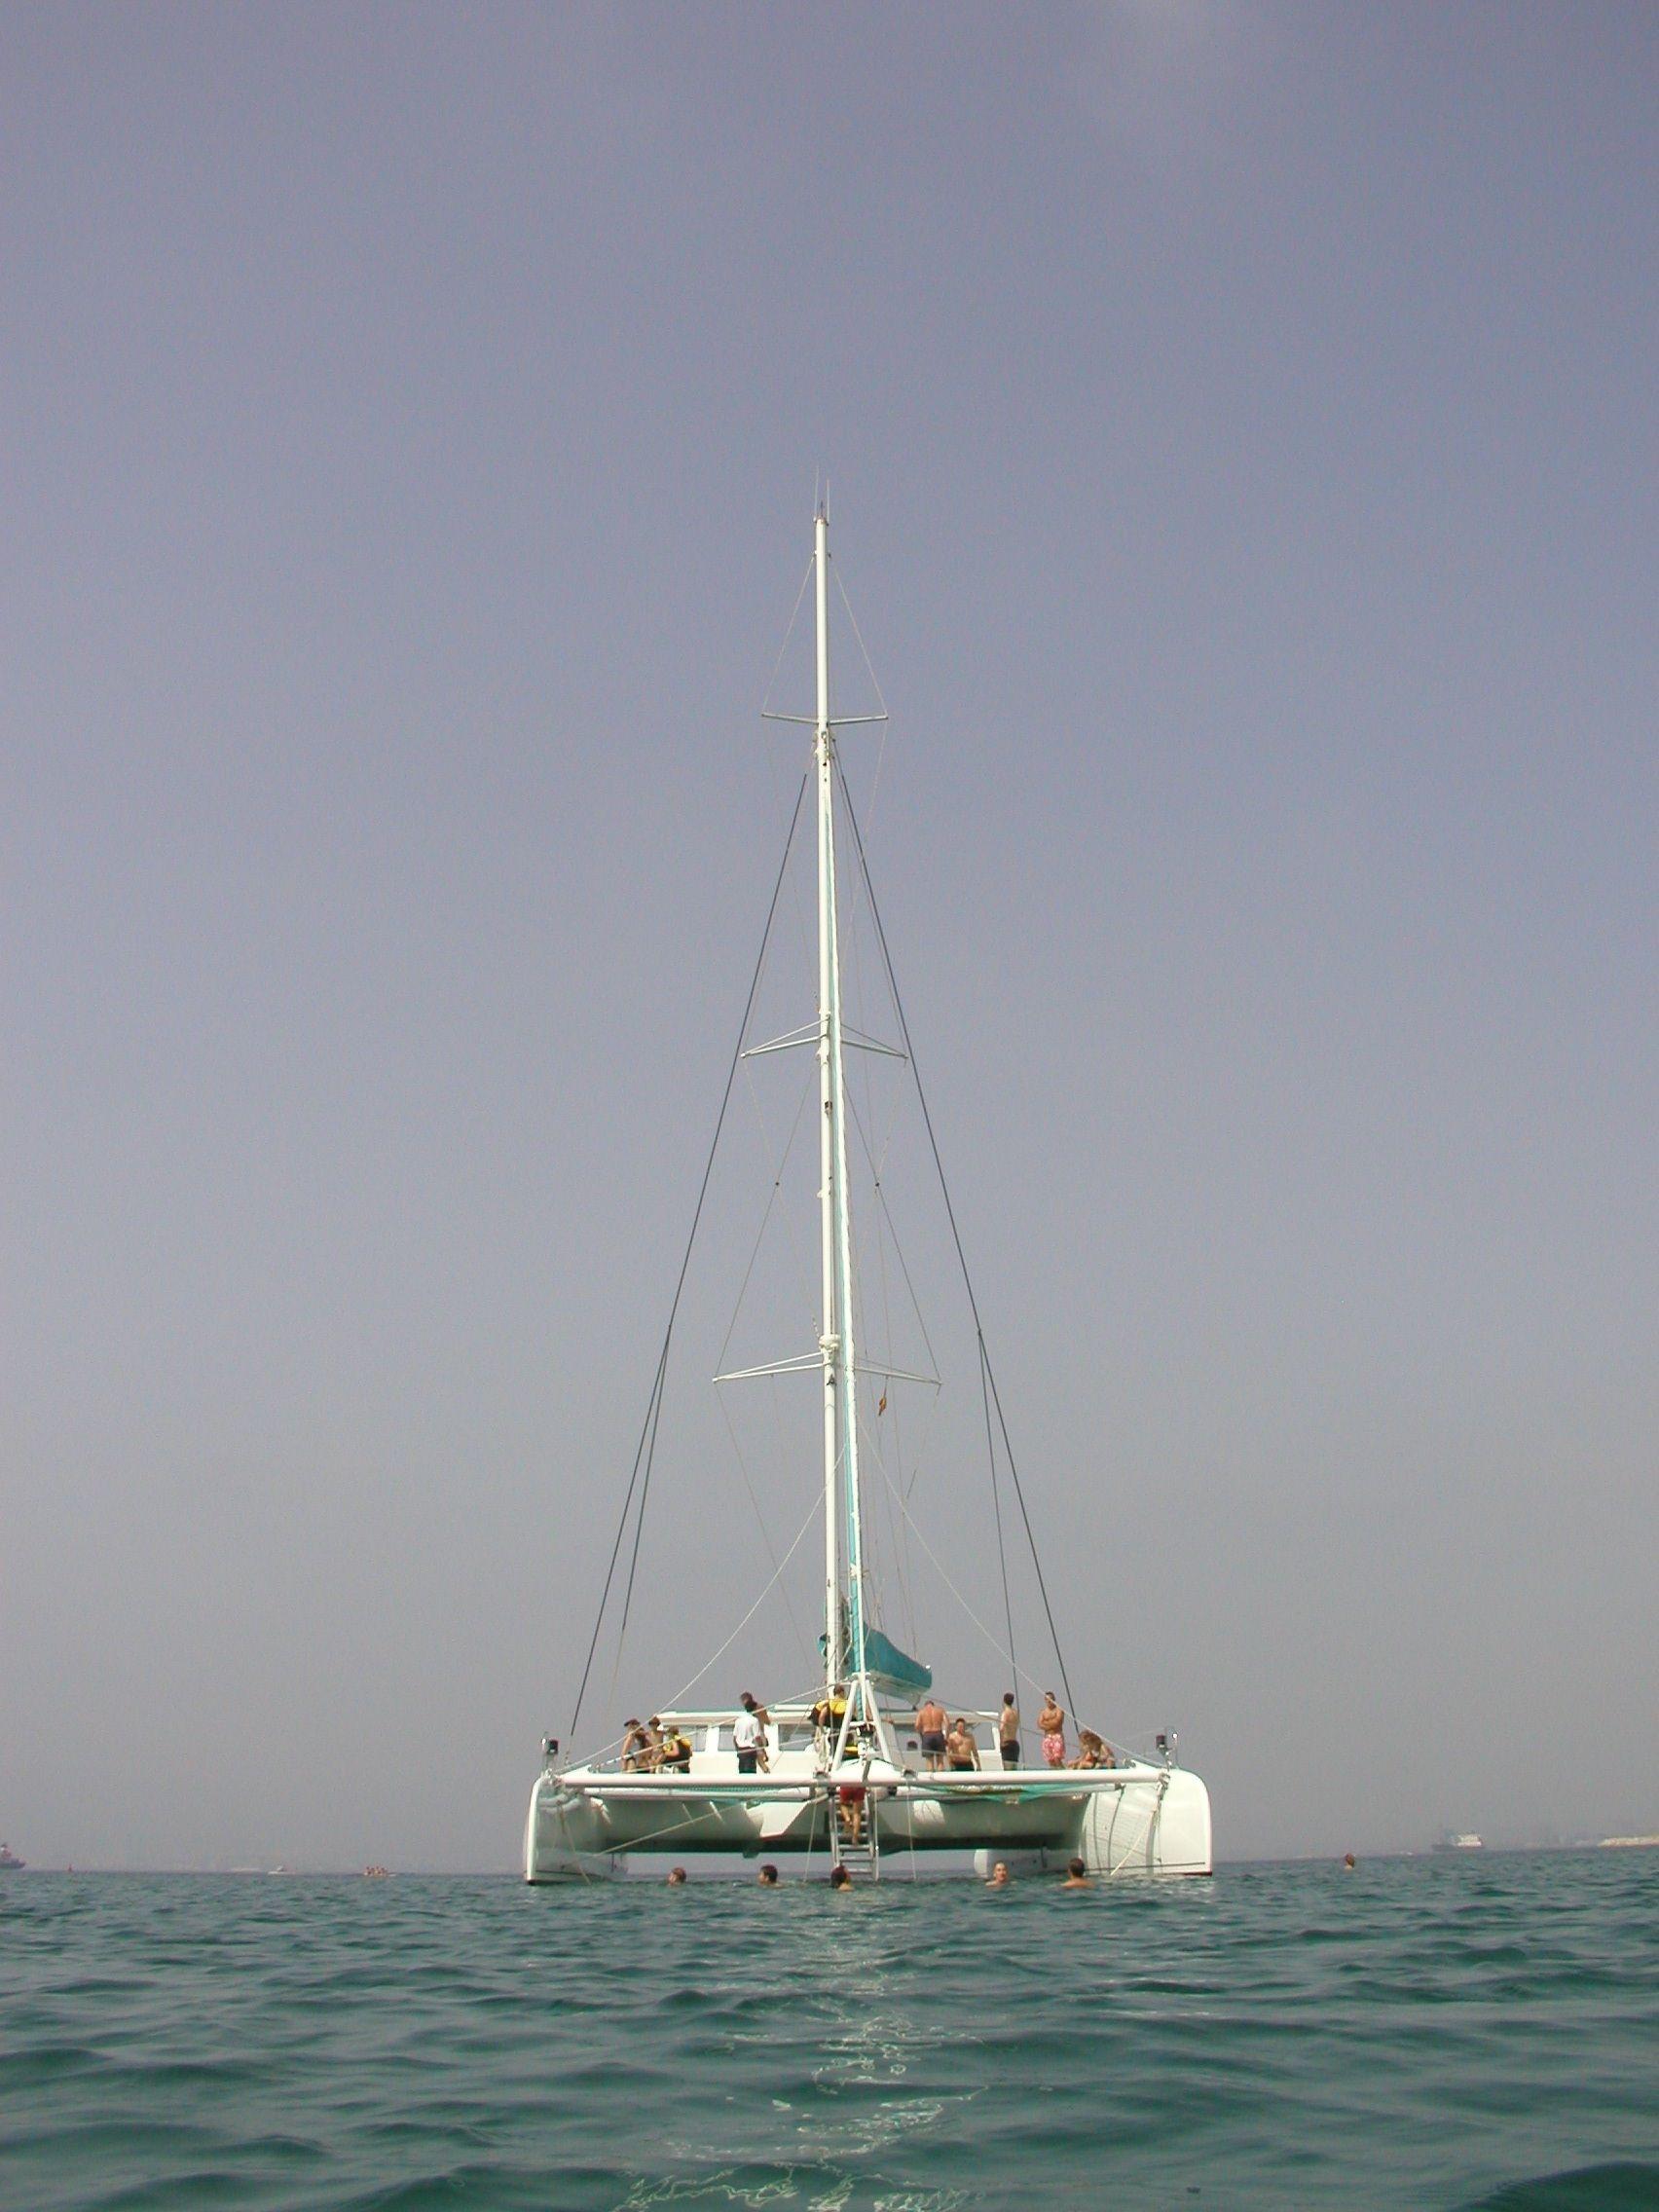 Motor catamaran / Catamaran a motor